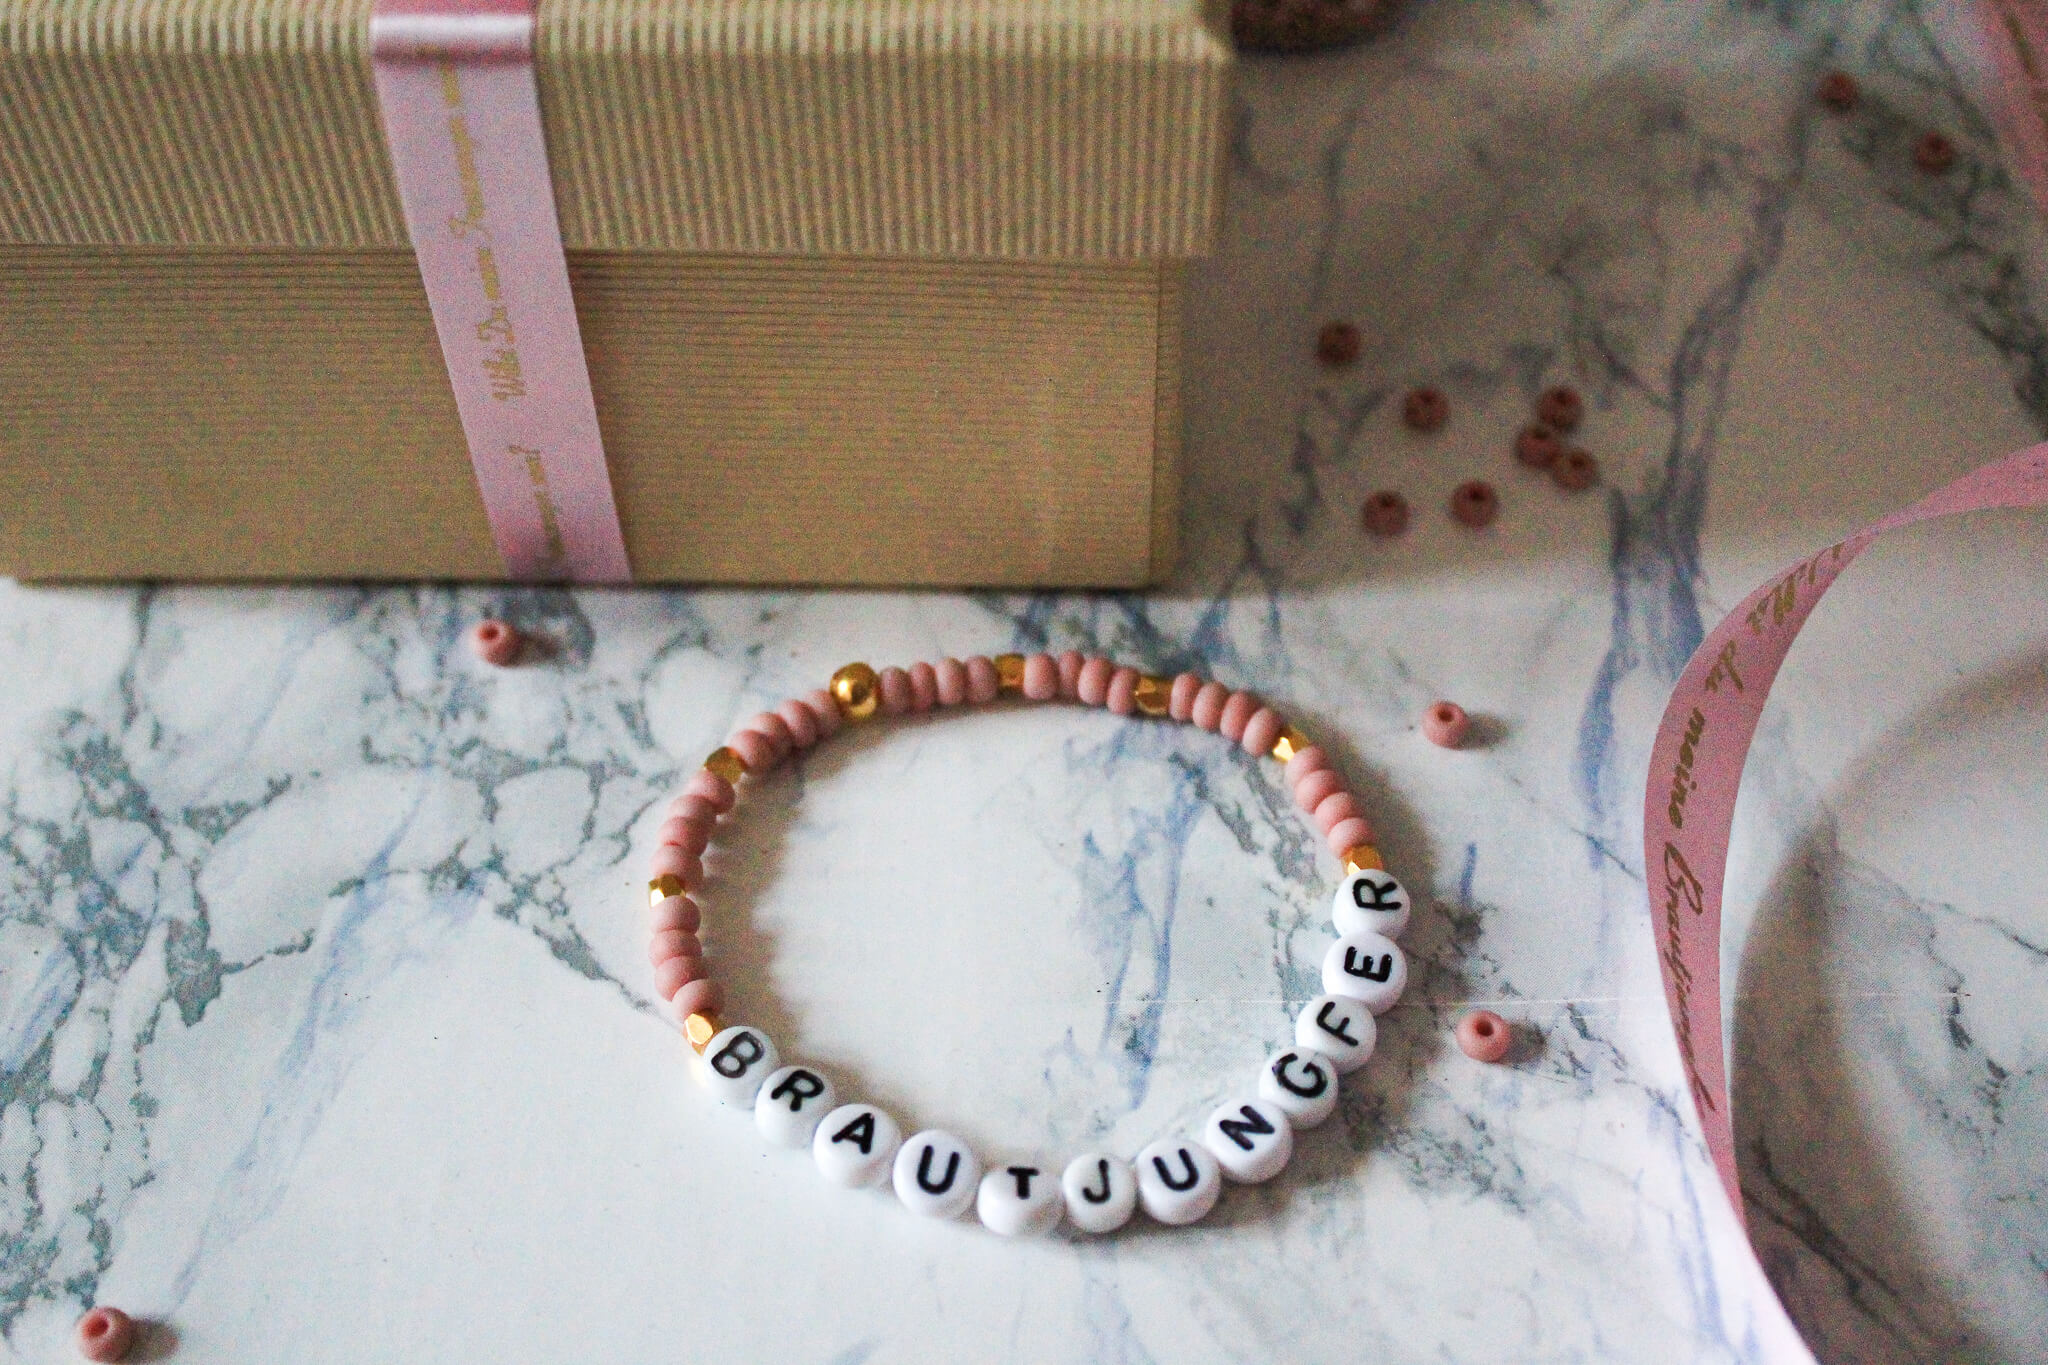 Armband für Trauzeugin und Brautjungfer mit Geschenkband von brother